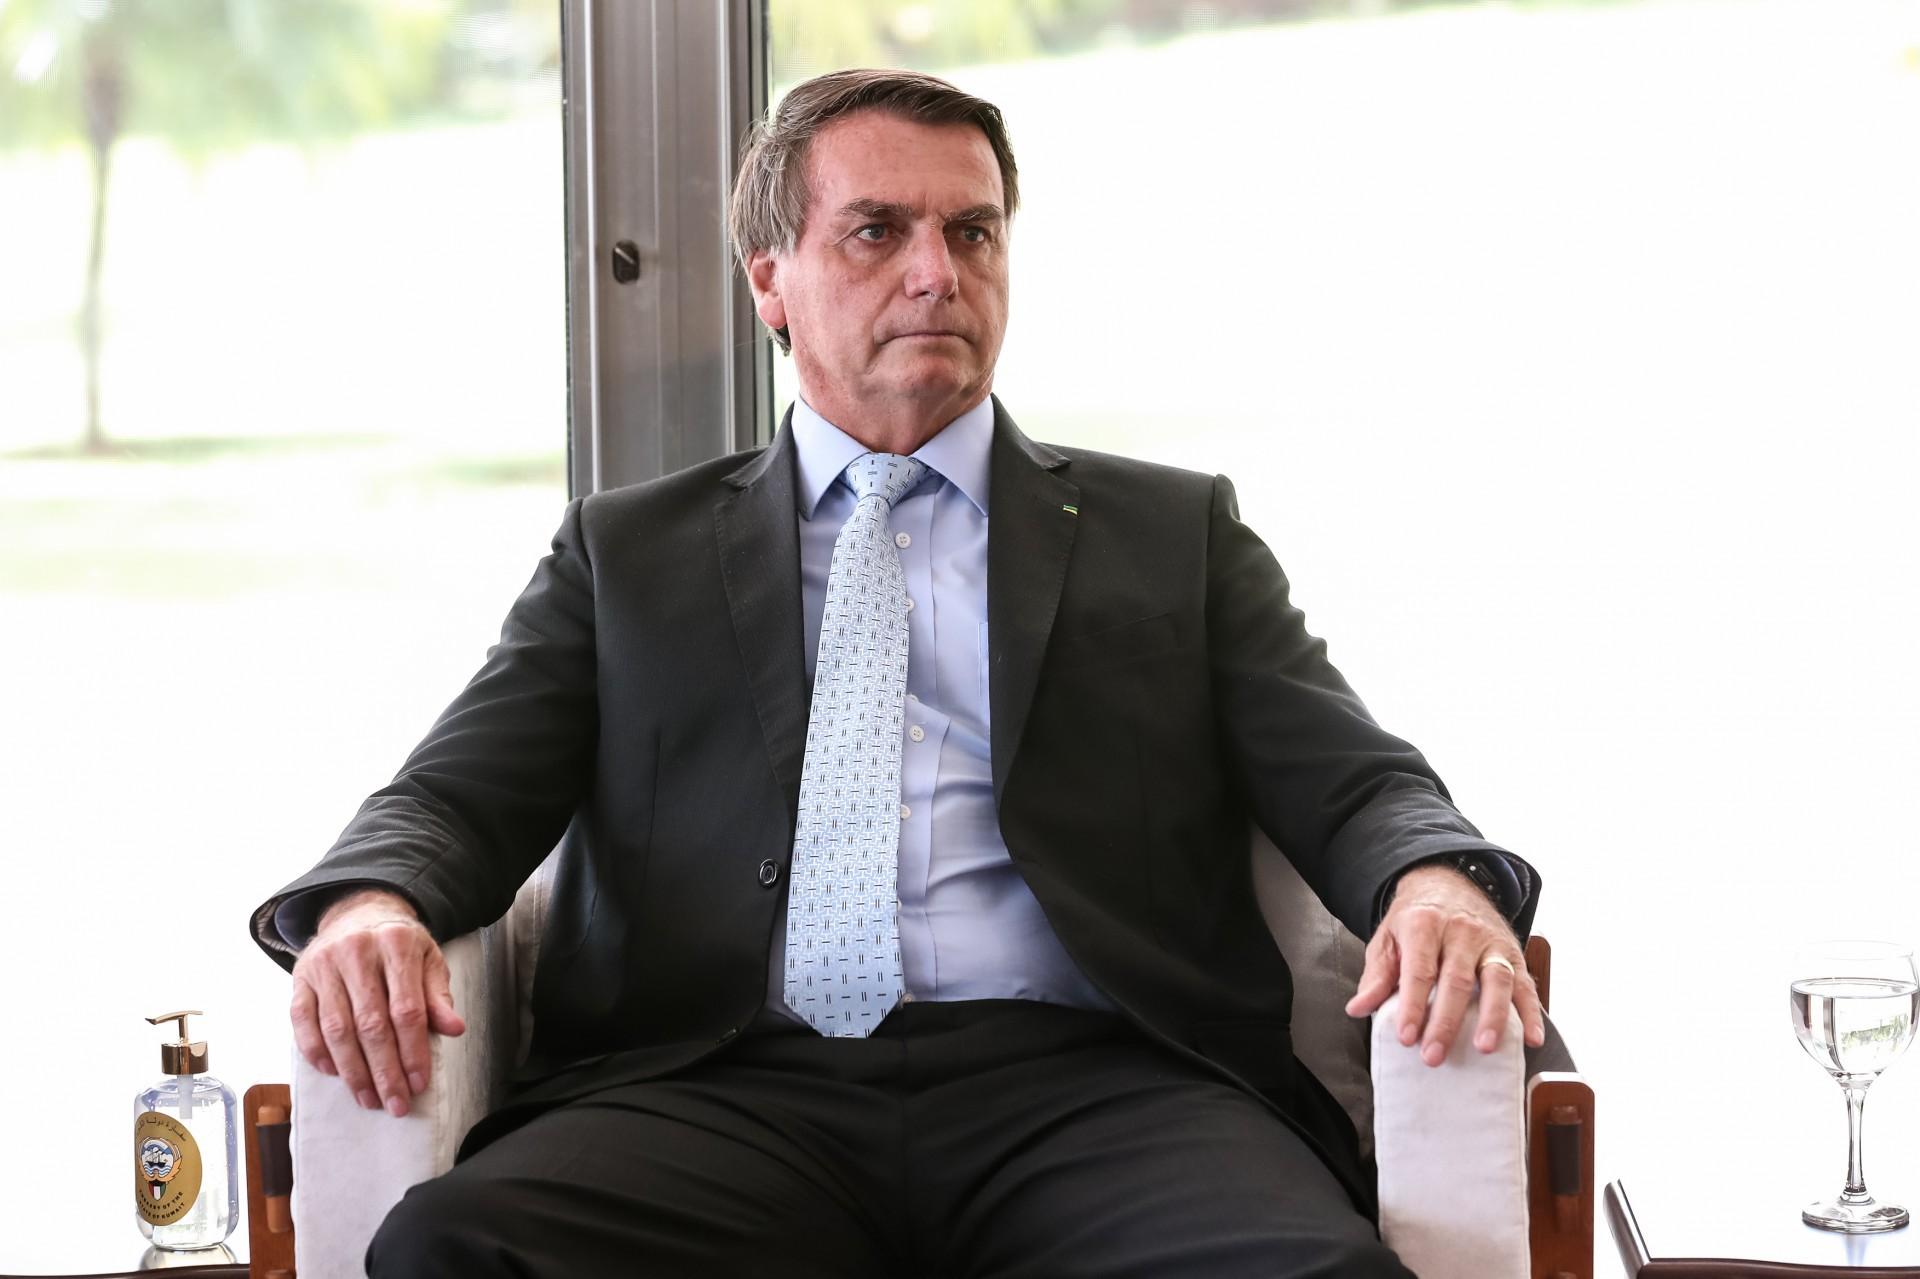 CRÍTICAS a Jair Bolsonaro por conduta no combate à pandemia têm se intensificado (Foto: Marcos Corrêa/Presidência da República)